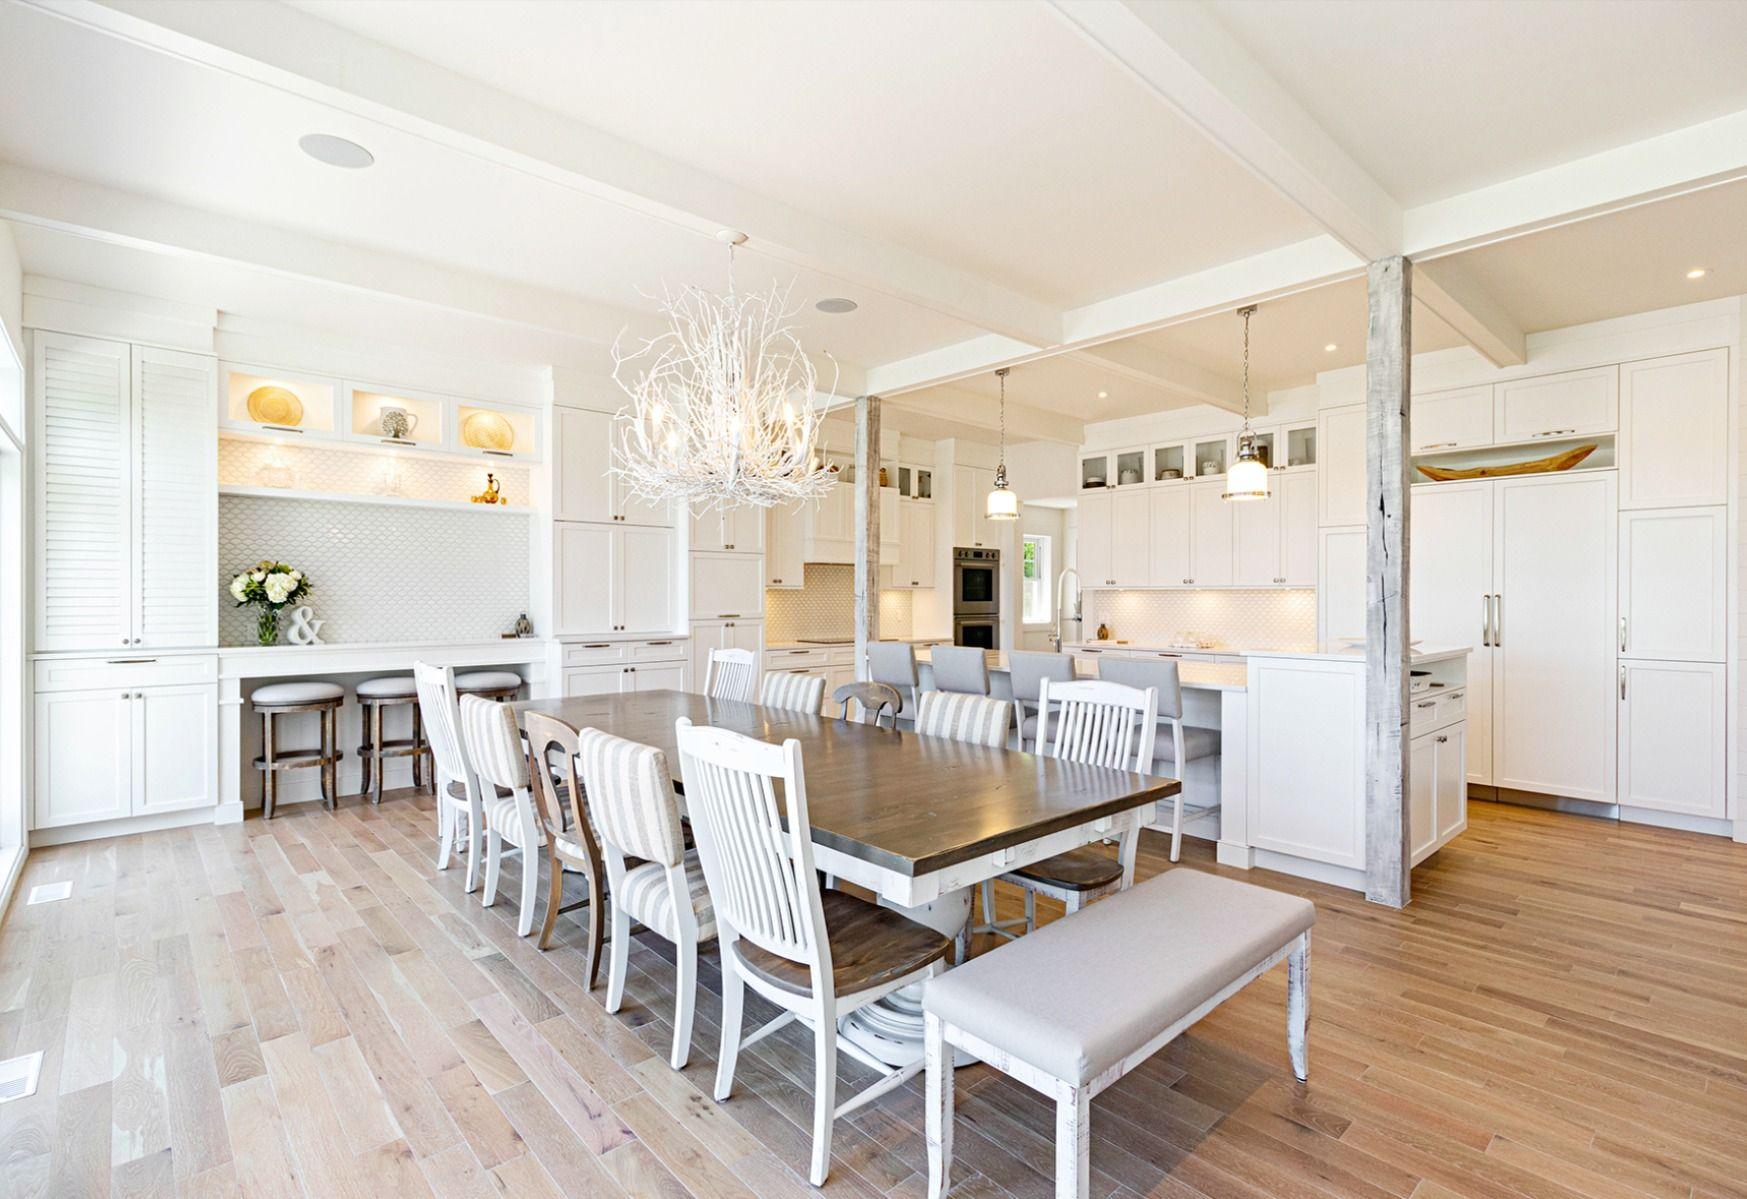 Cuisine Blanche Classique In 2020 Home Decor Decor Armoire